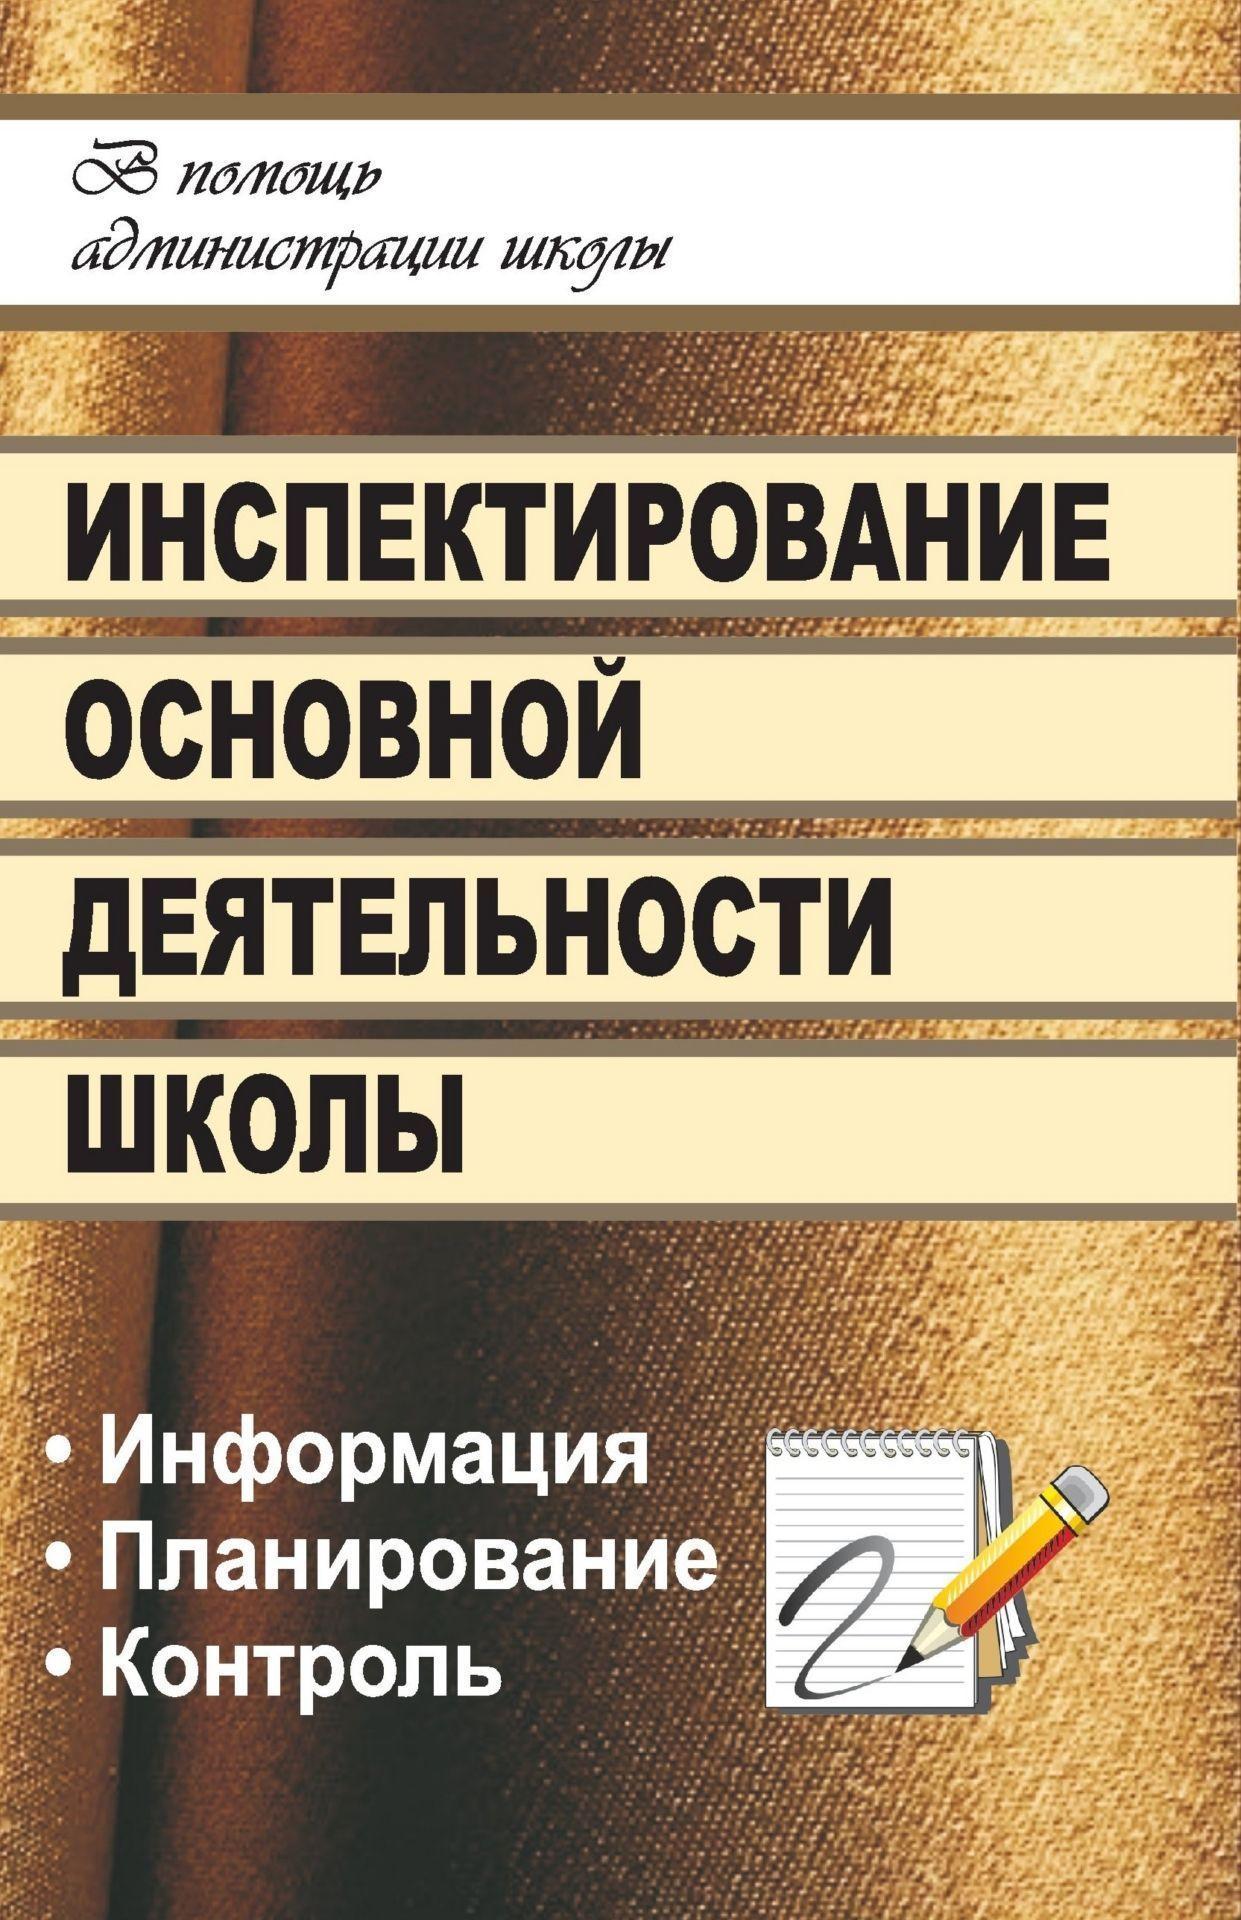 Инспектирование основной деятельности школы: информация, планирование, контроль